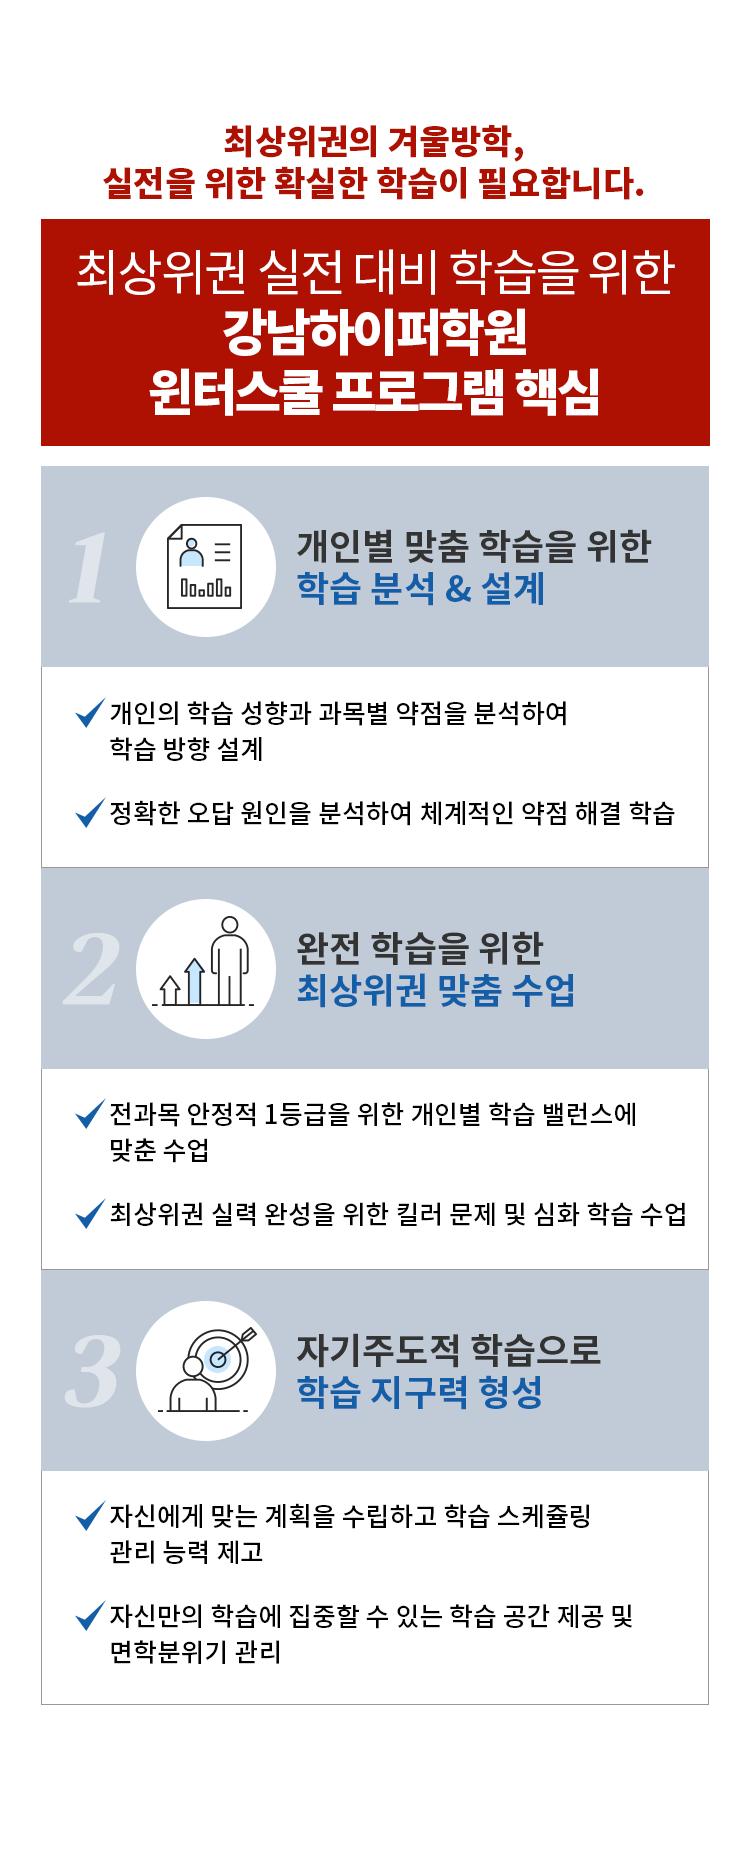 강남하이퍼학원 윈터스쿨 프로그램 핵심